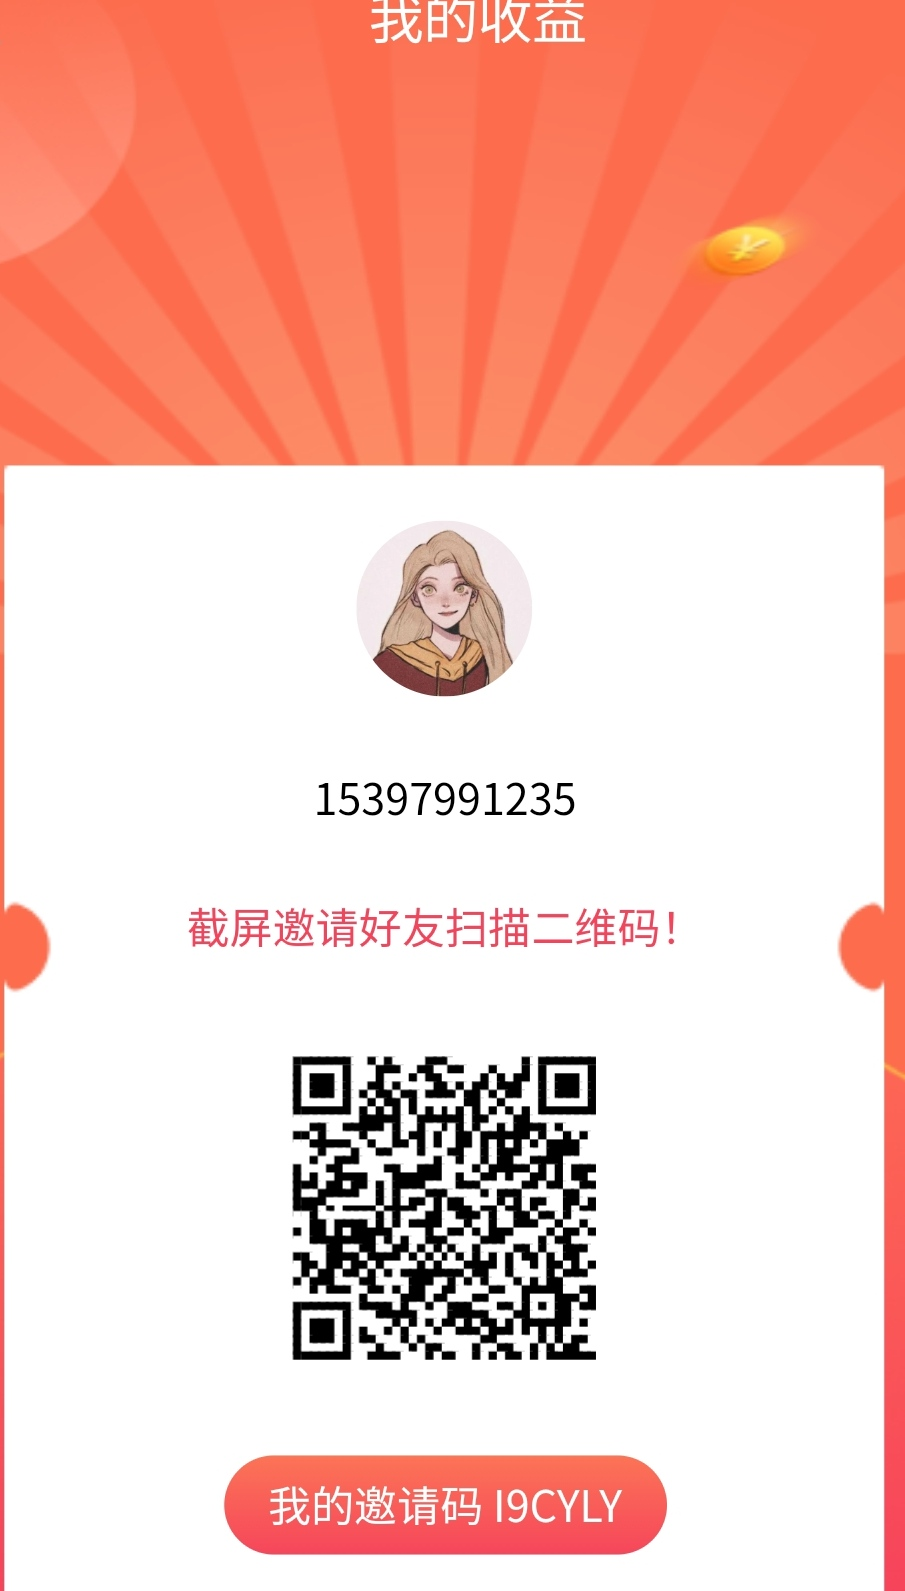 图片[2]-千万拉新奖,老中青明星代言,浙乡有礼拼团首码-首码社